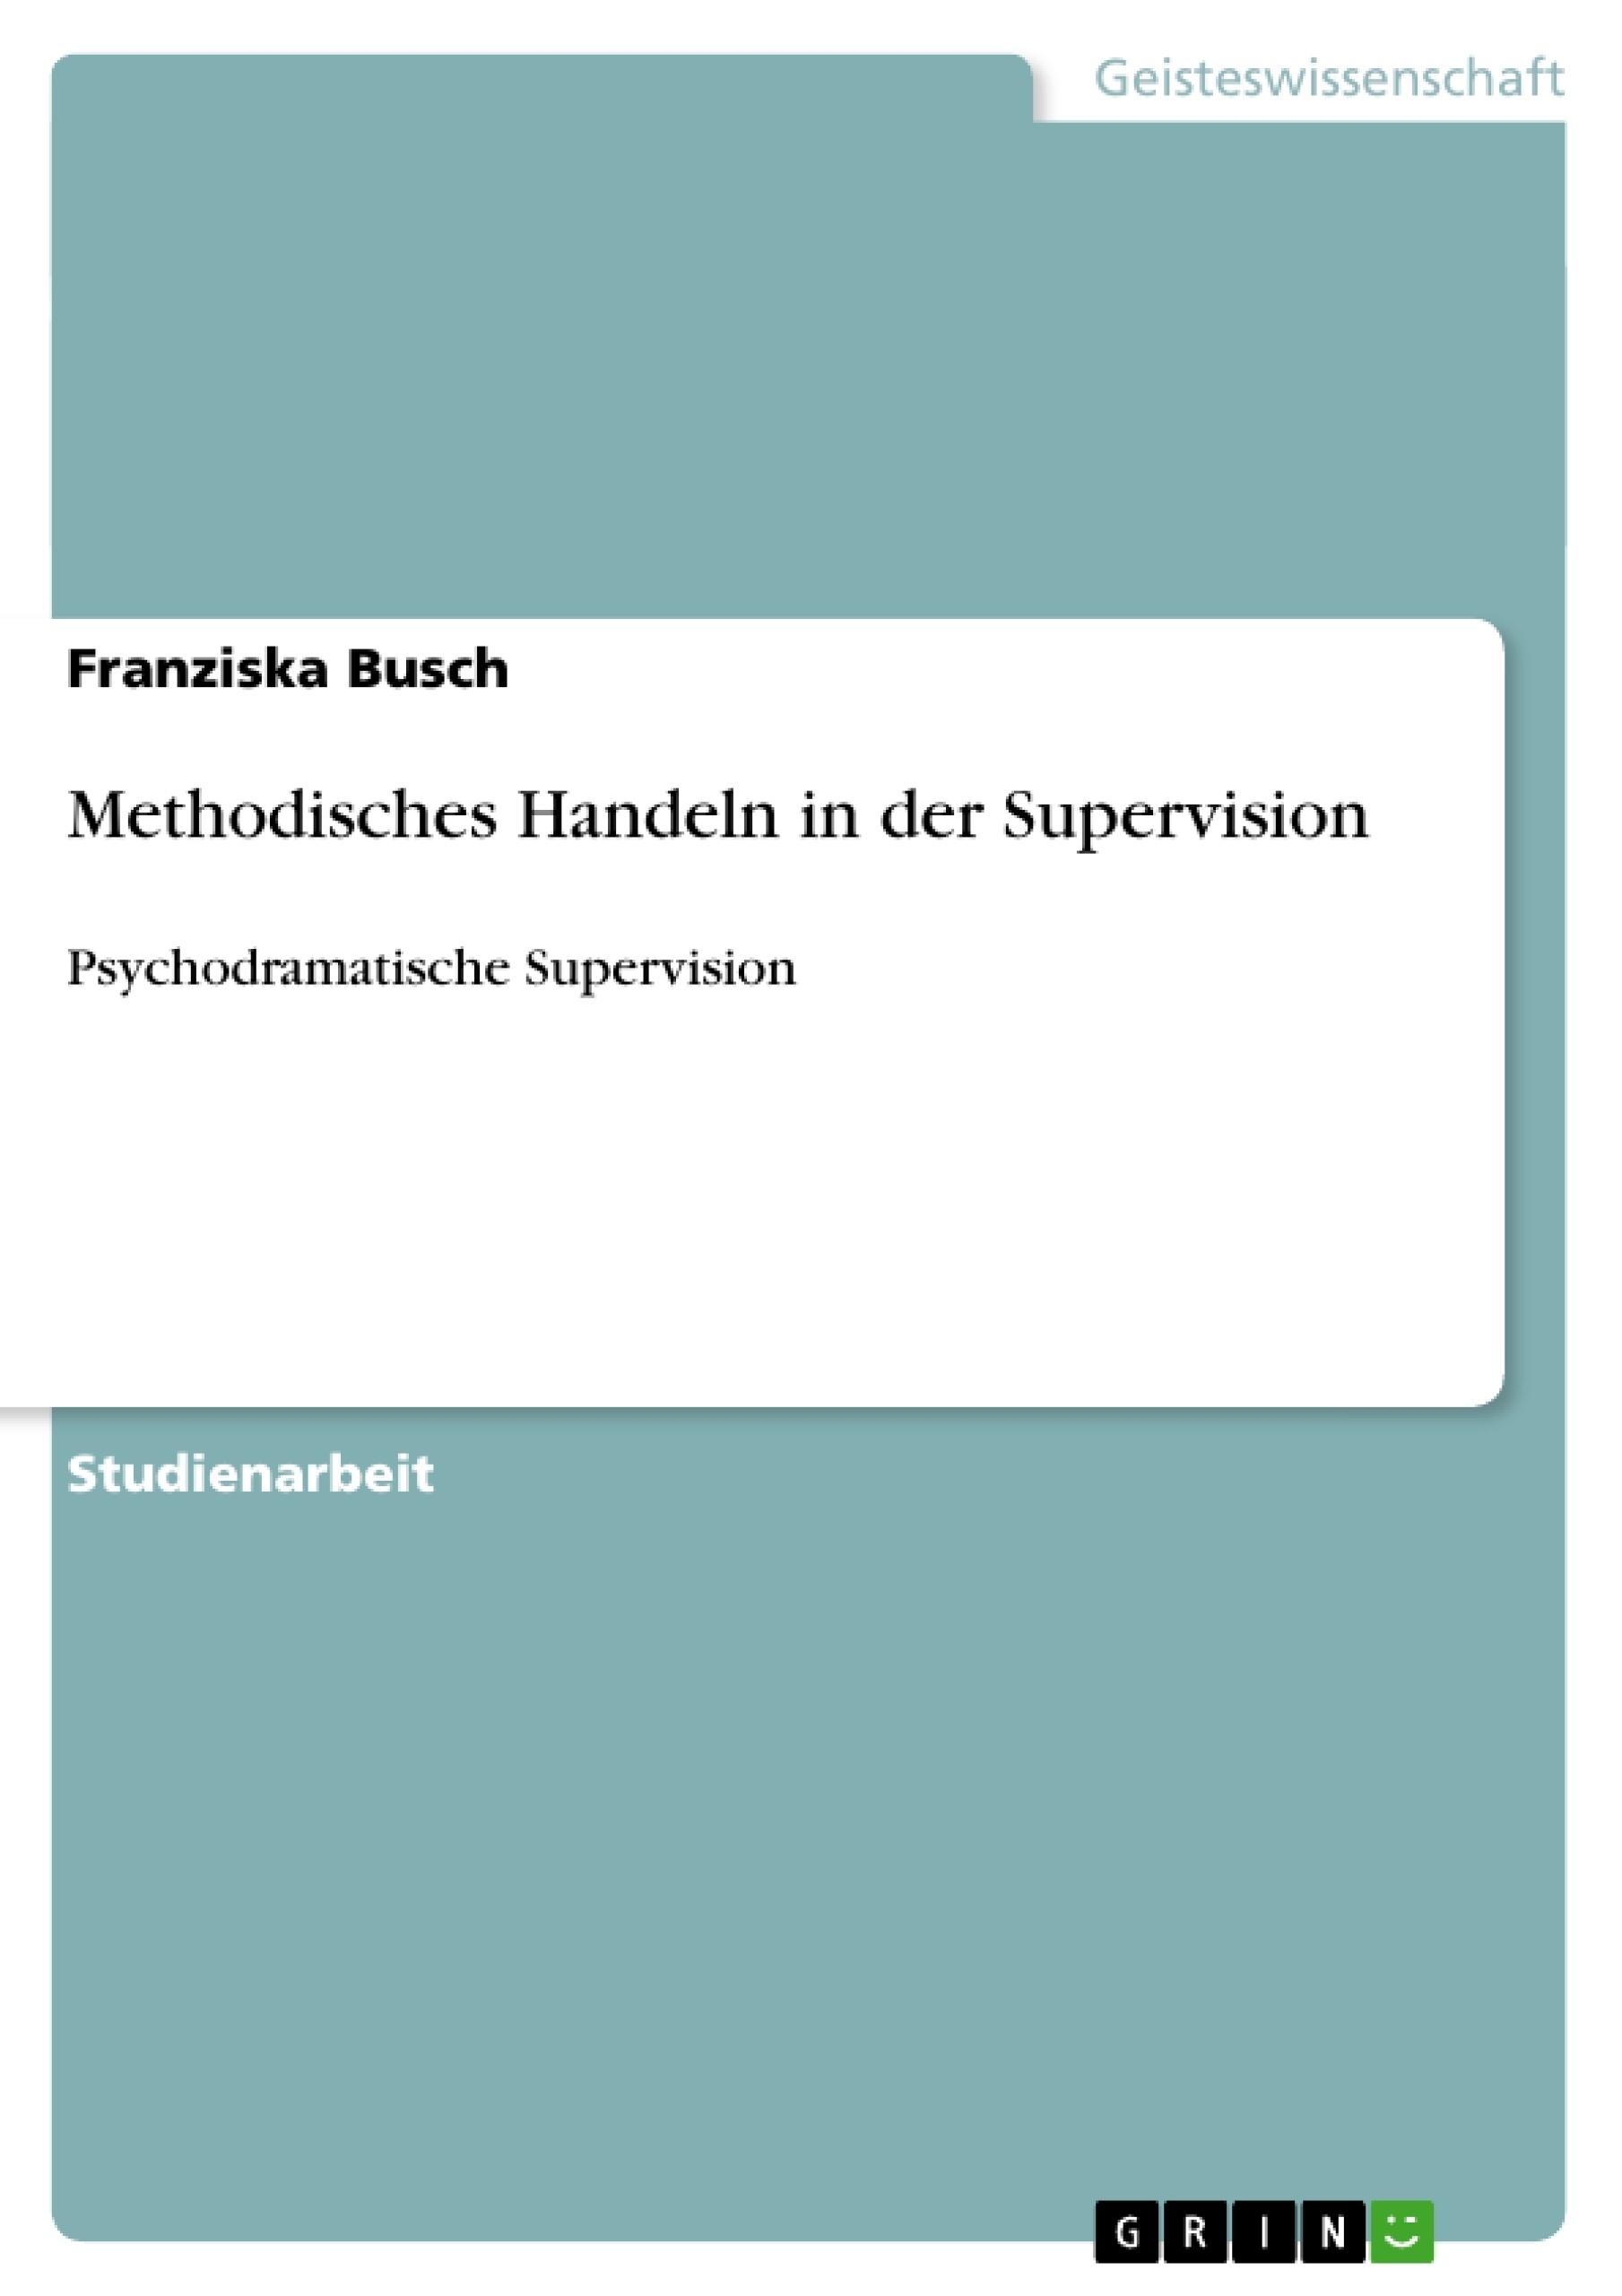 Titel: Methodisches Handeln in der Supervision